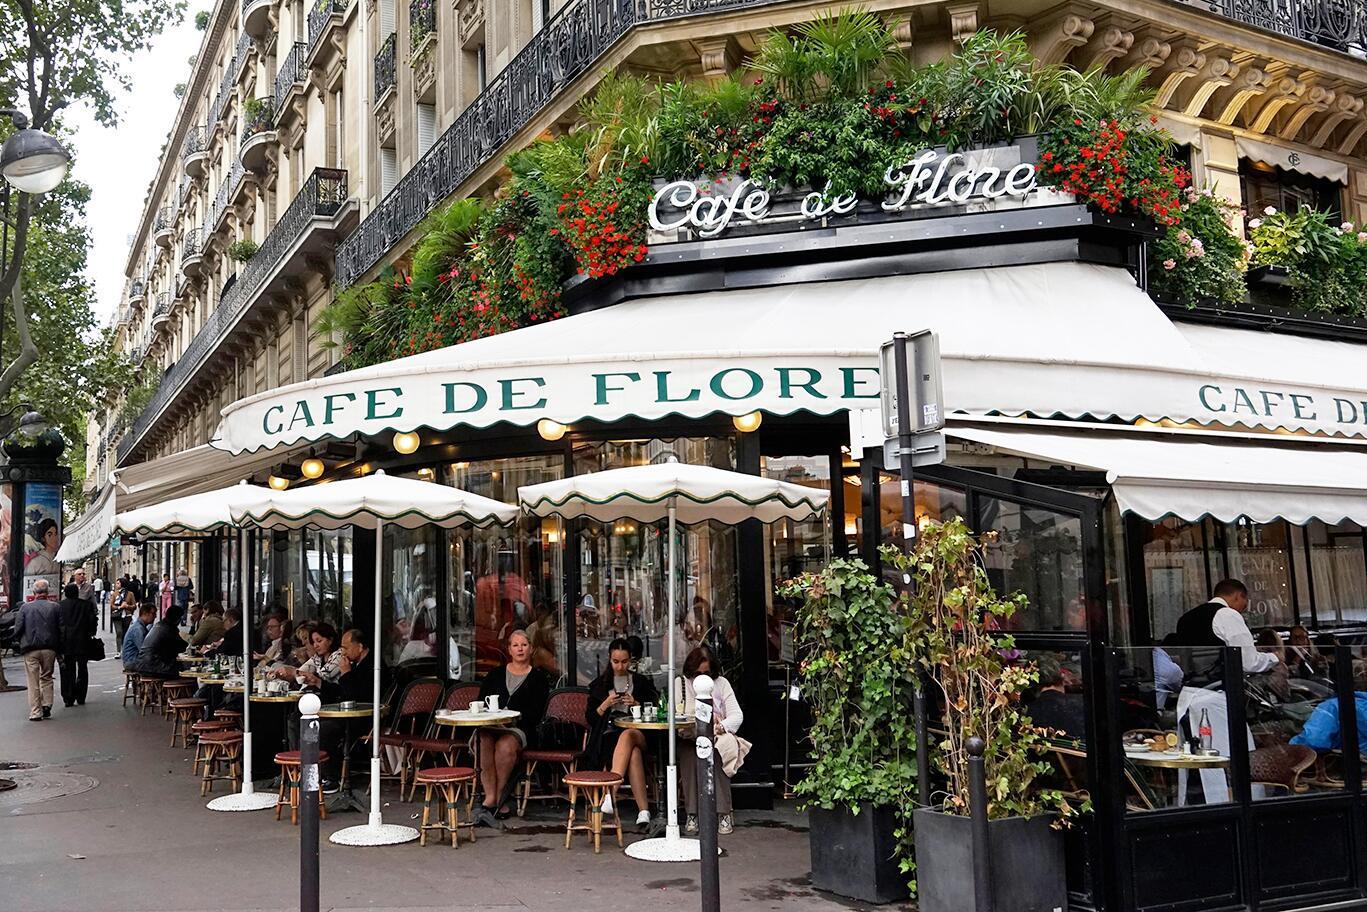 cafe_de_flore_FY70W4_1540